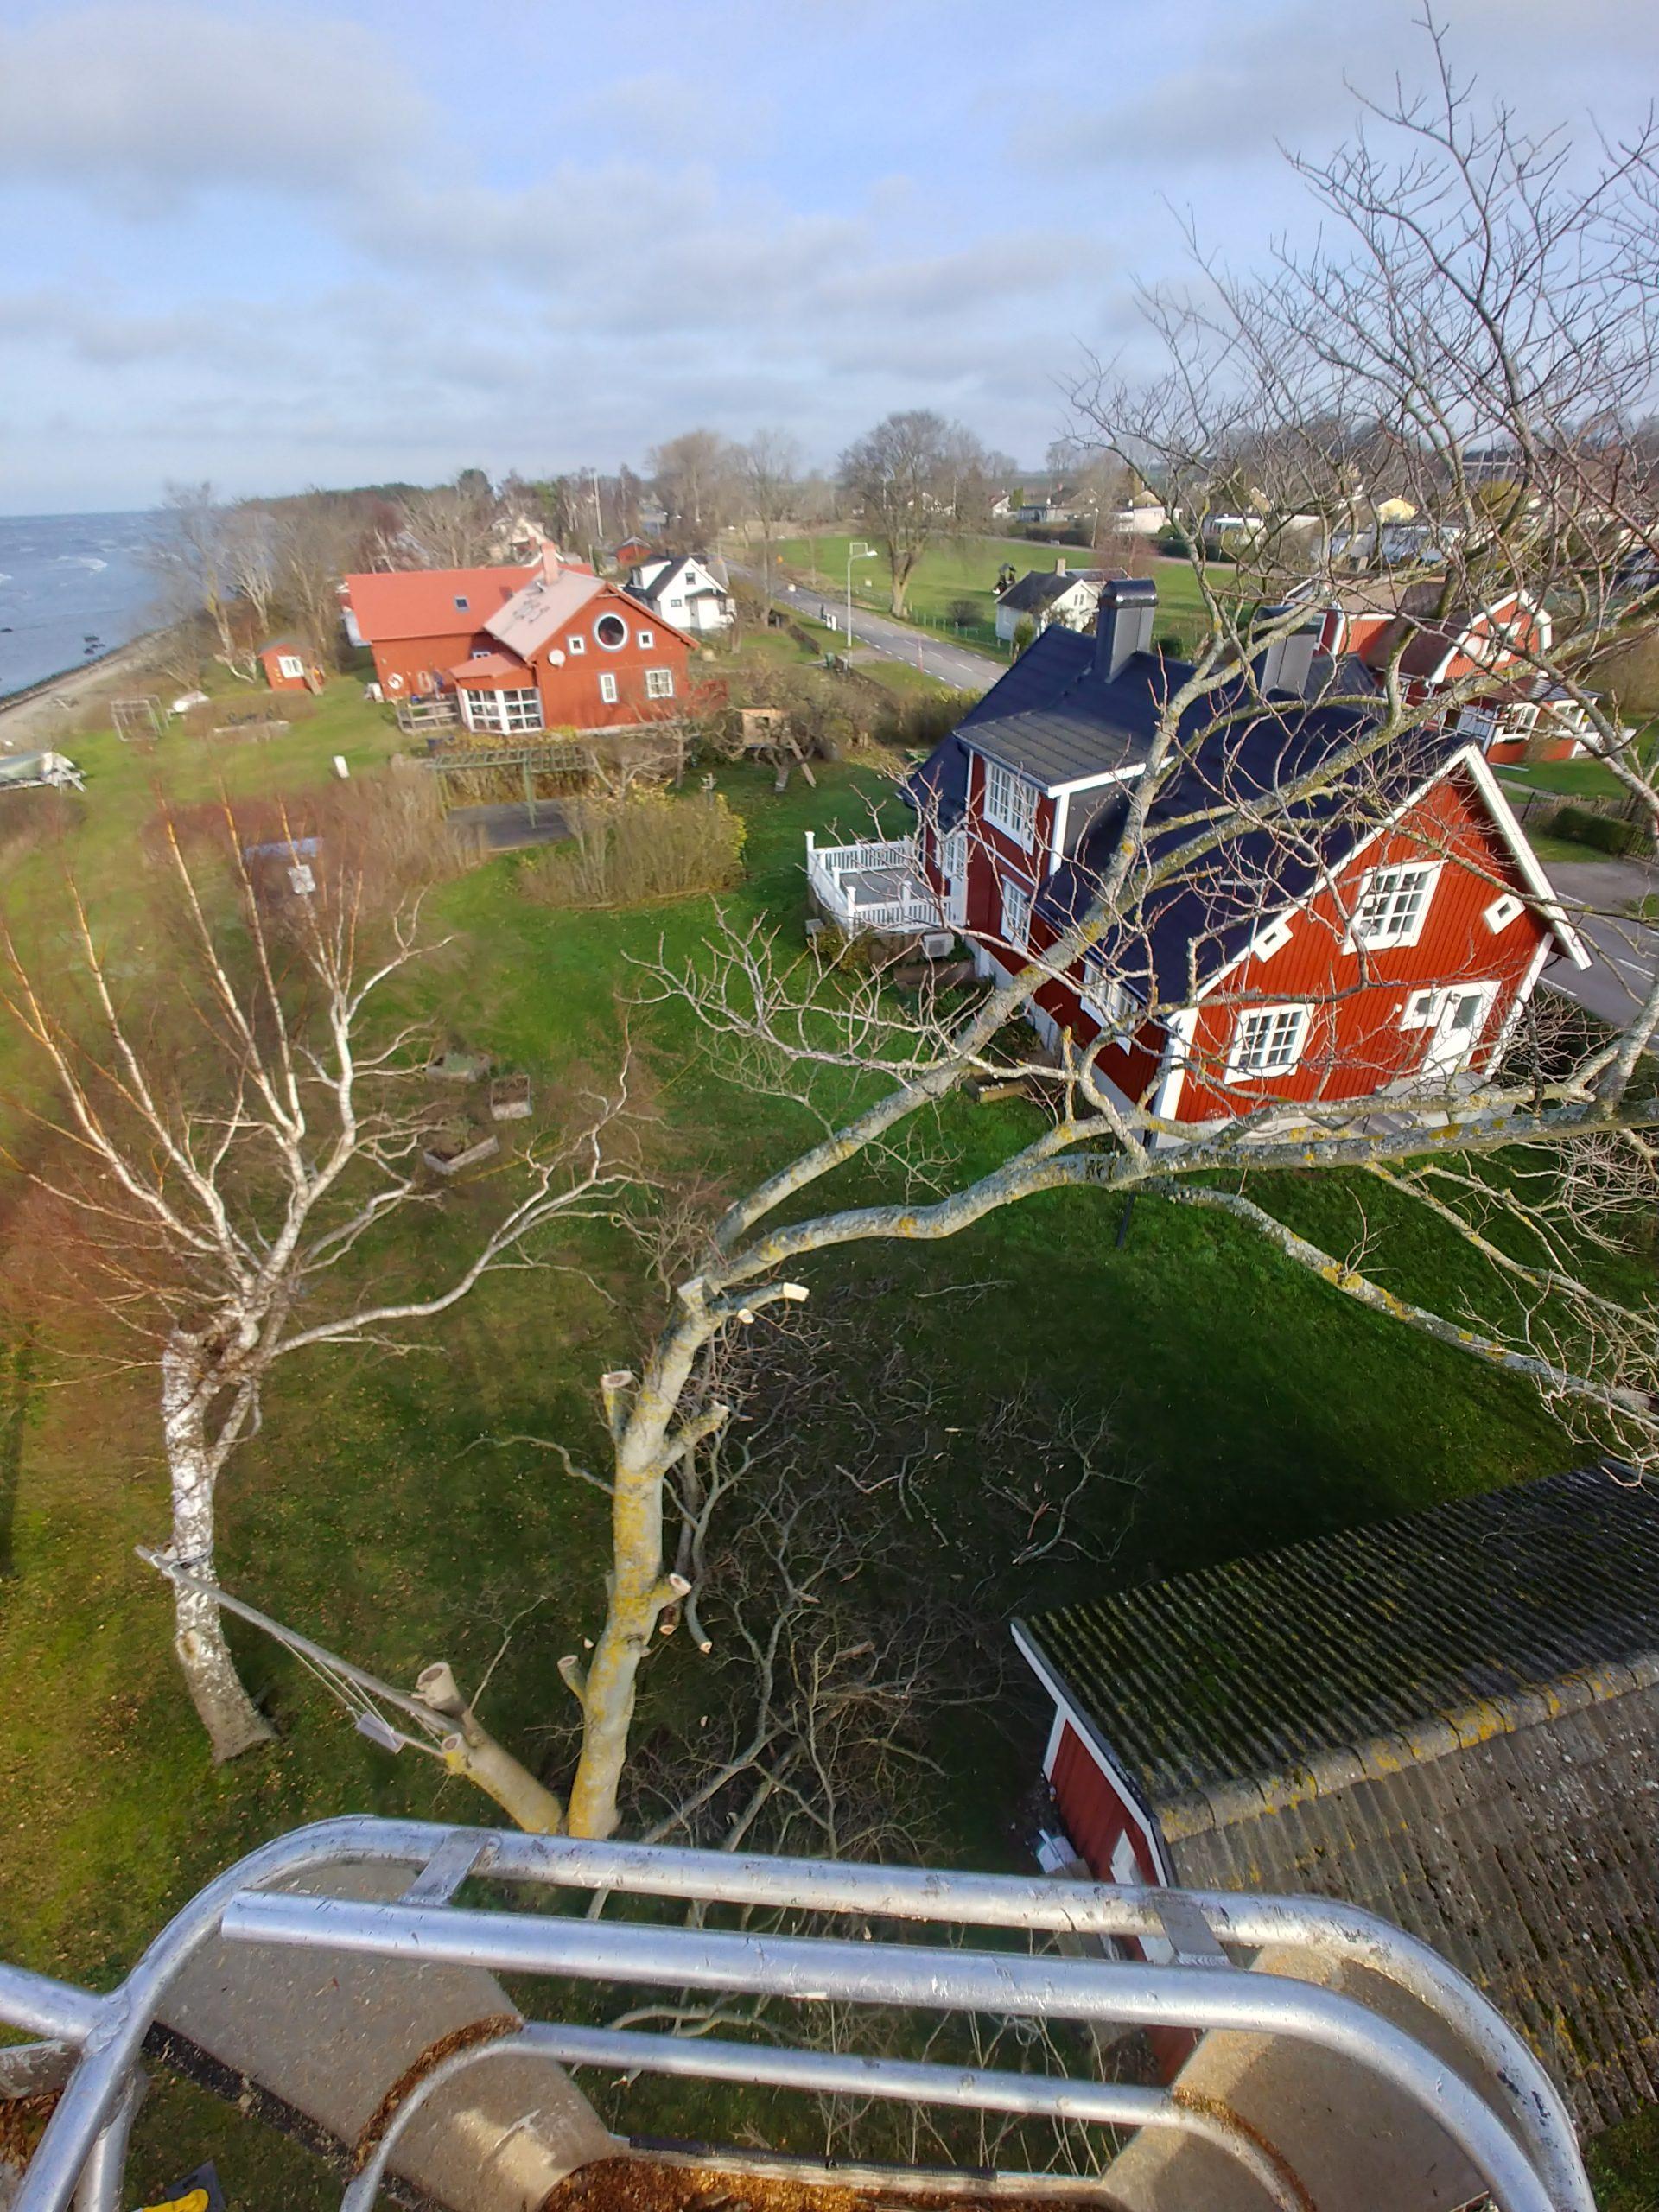 Trädfällning från skylift på Öland Kalmar